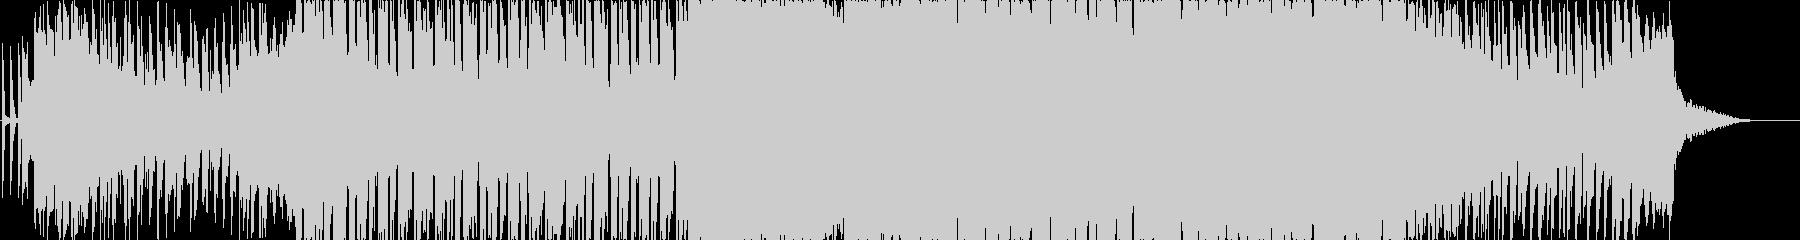 おしゃれエレクトロポップスの未再生の波形